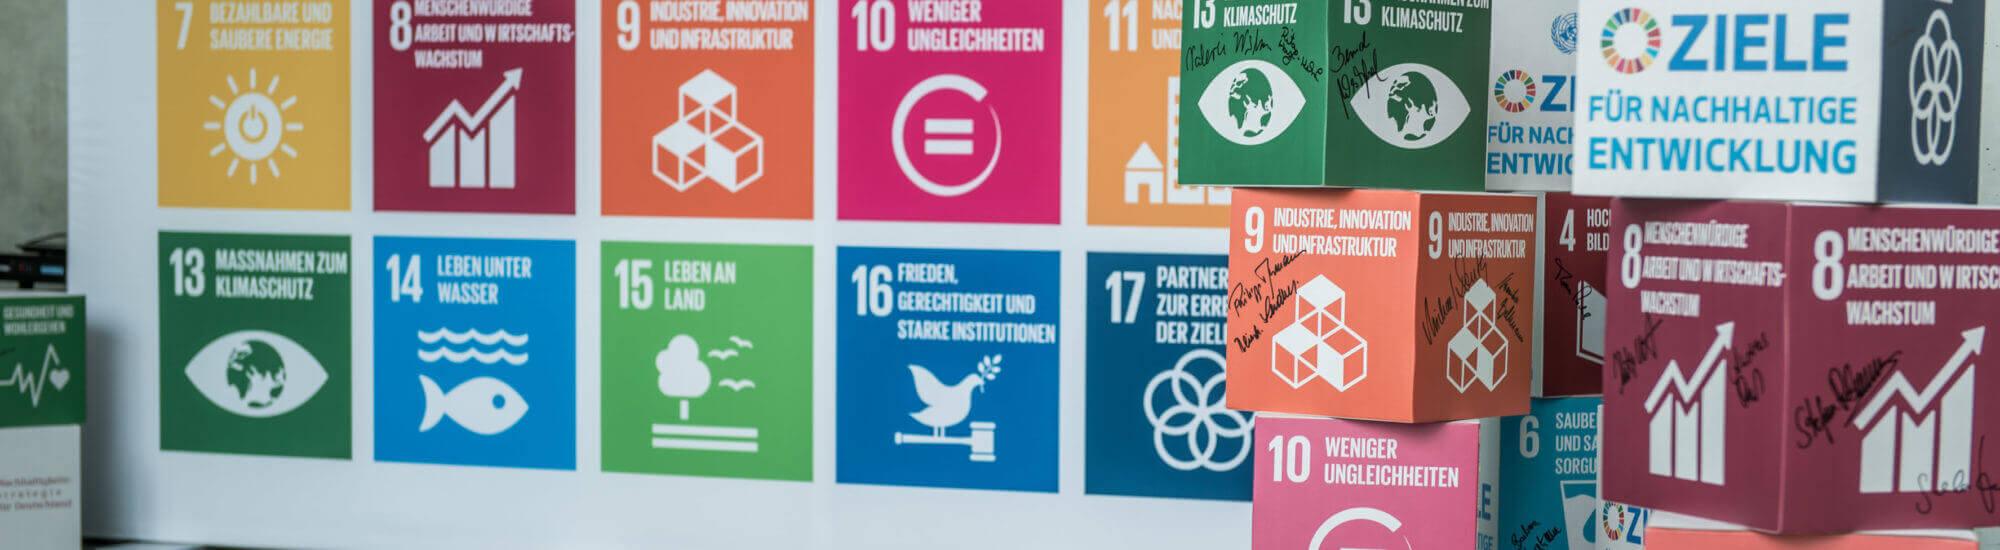 Globale Nachhaltigkeitsziele bei einer Aktion des RNE im Deutschen Bundestag. Foto: Ralf Rühmeier / RNE